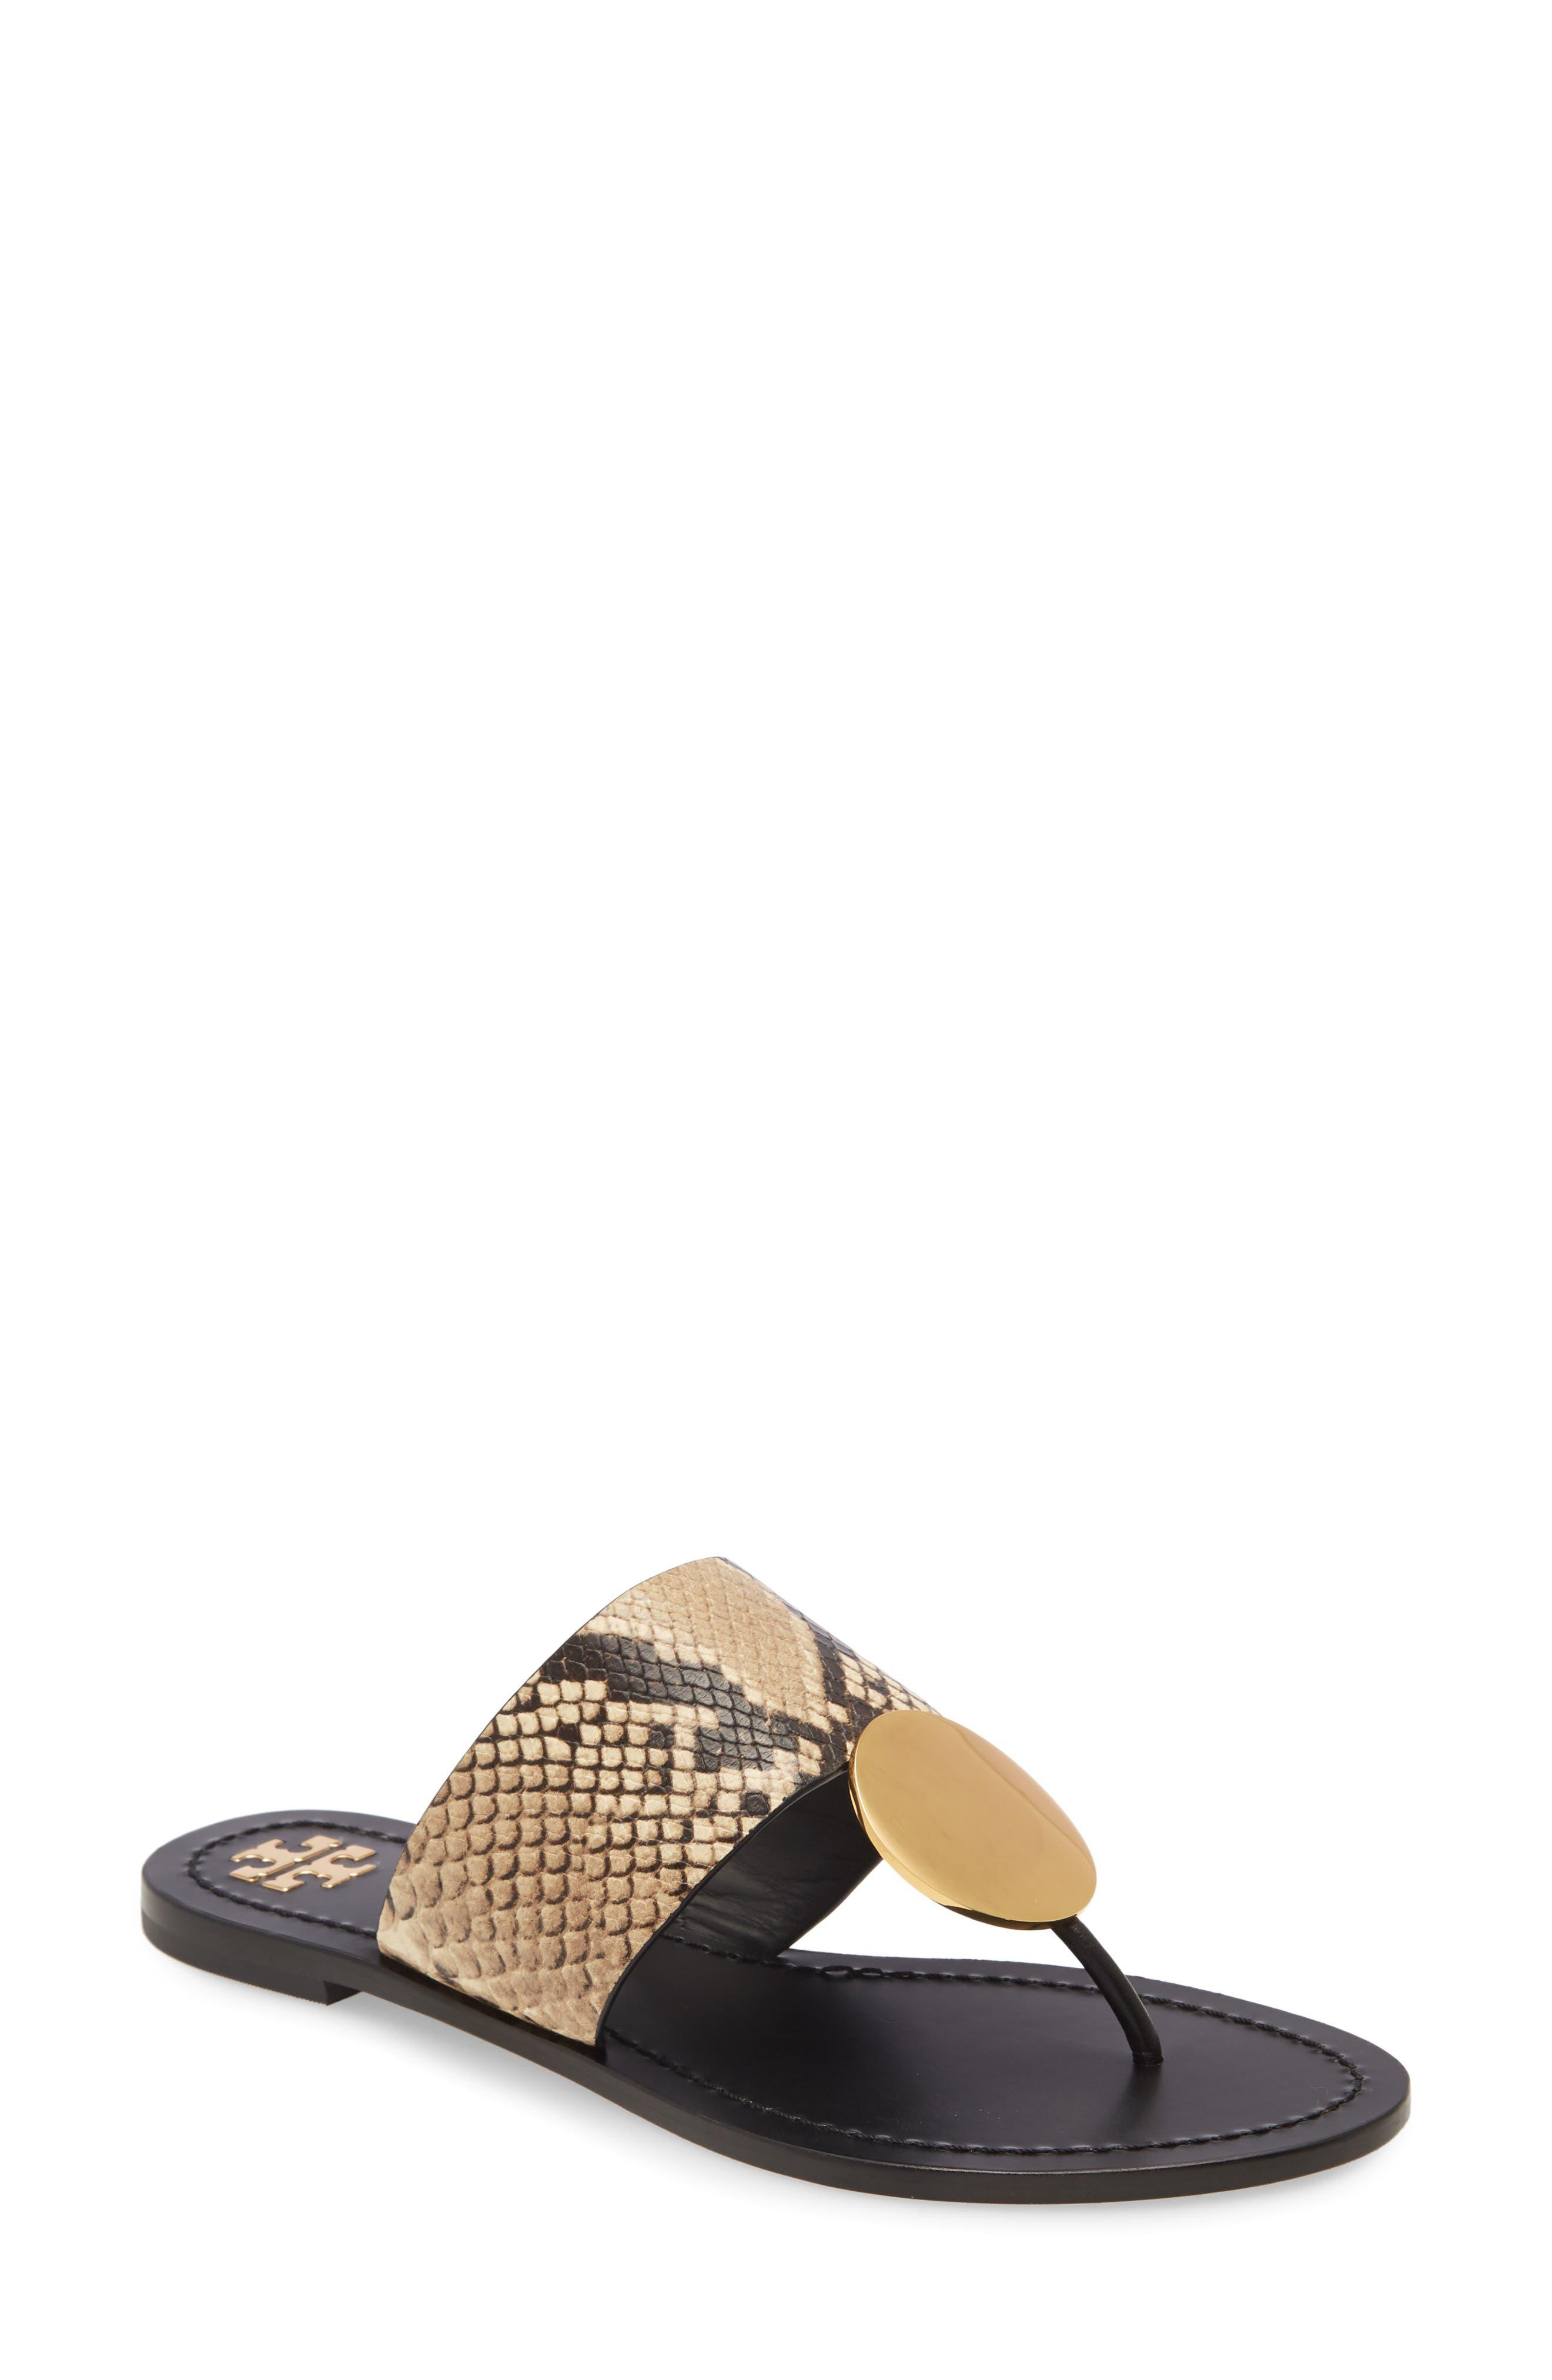 Tory Burch Shoes Sale \u0026 Clearance